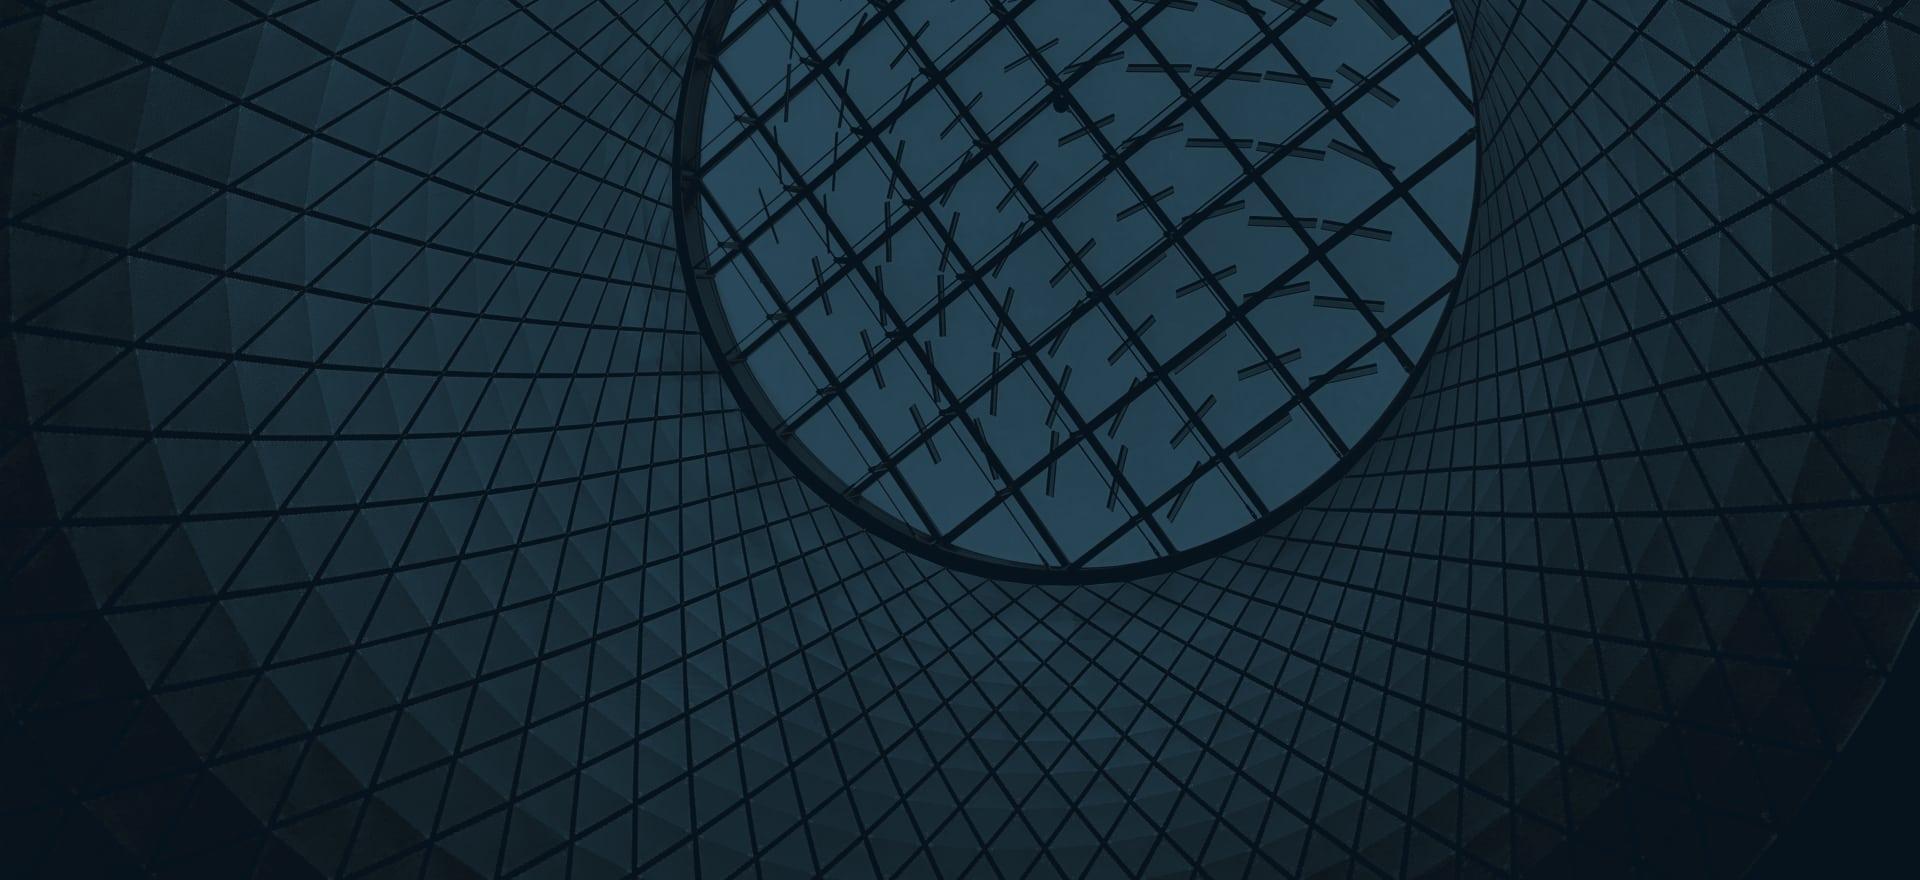 Architektur Symbolbild